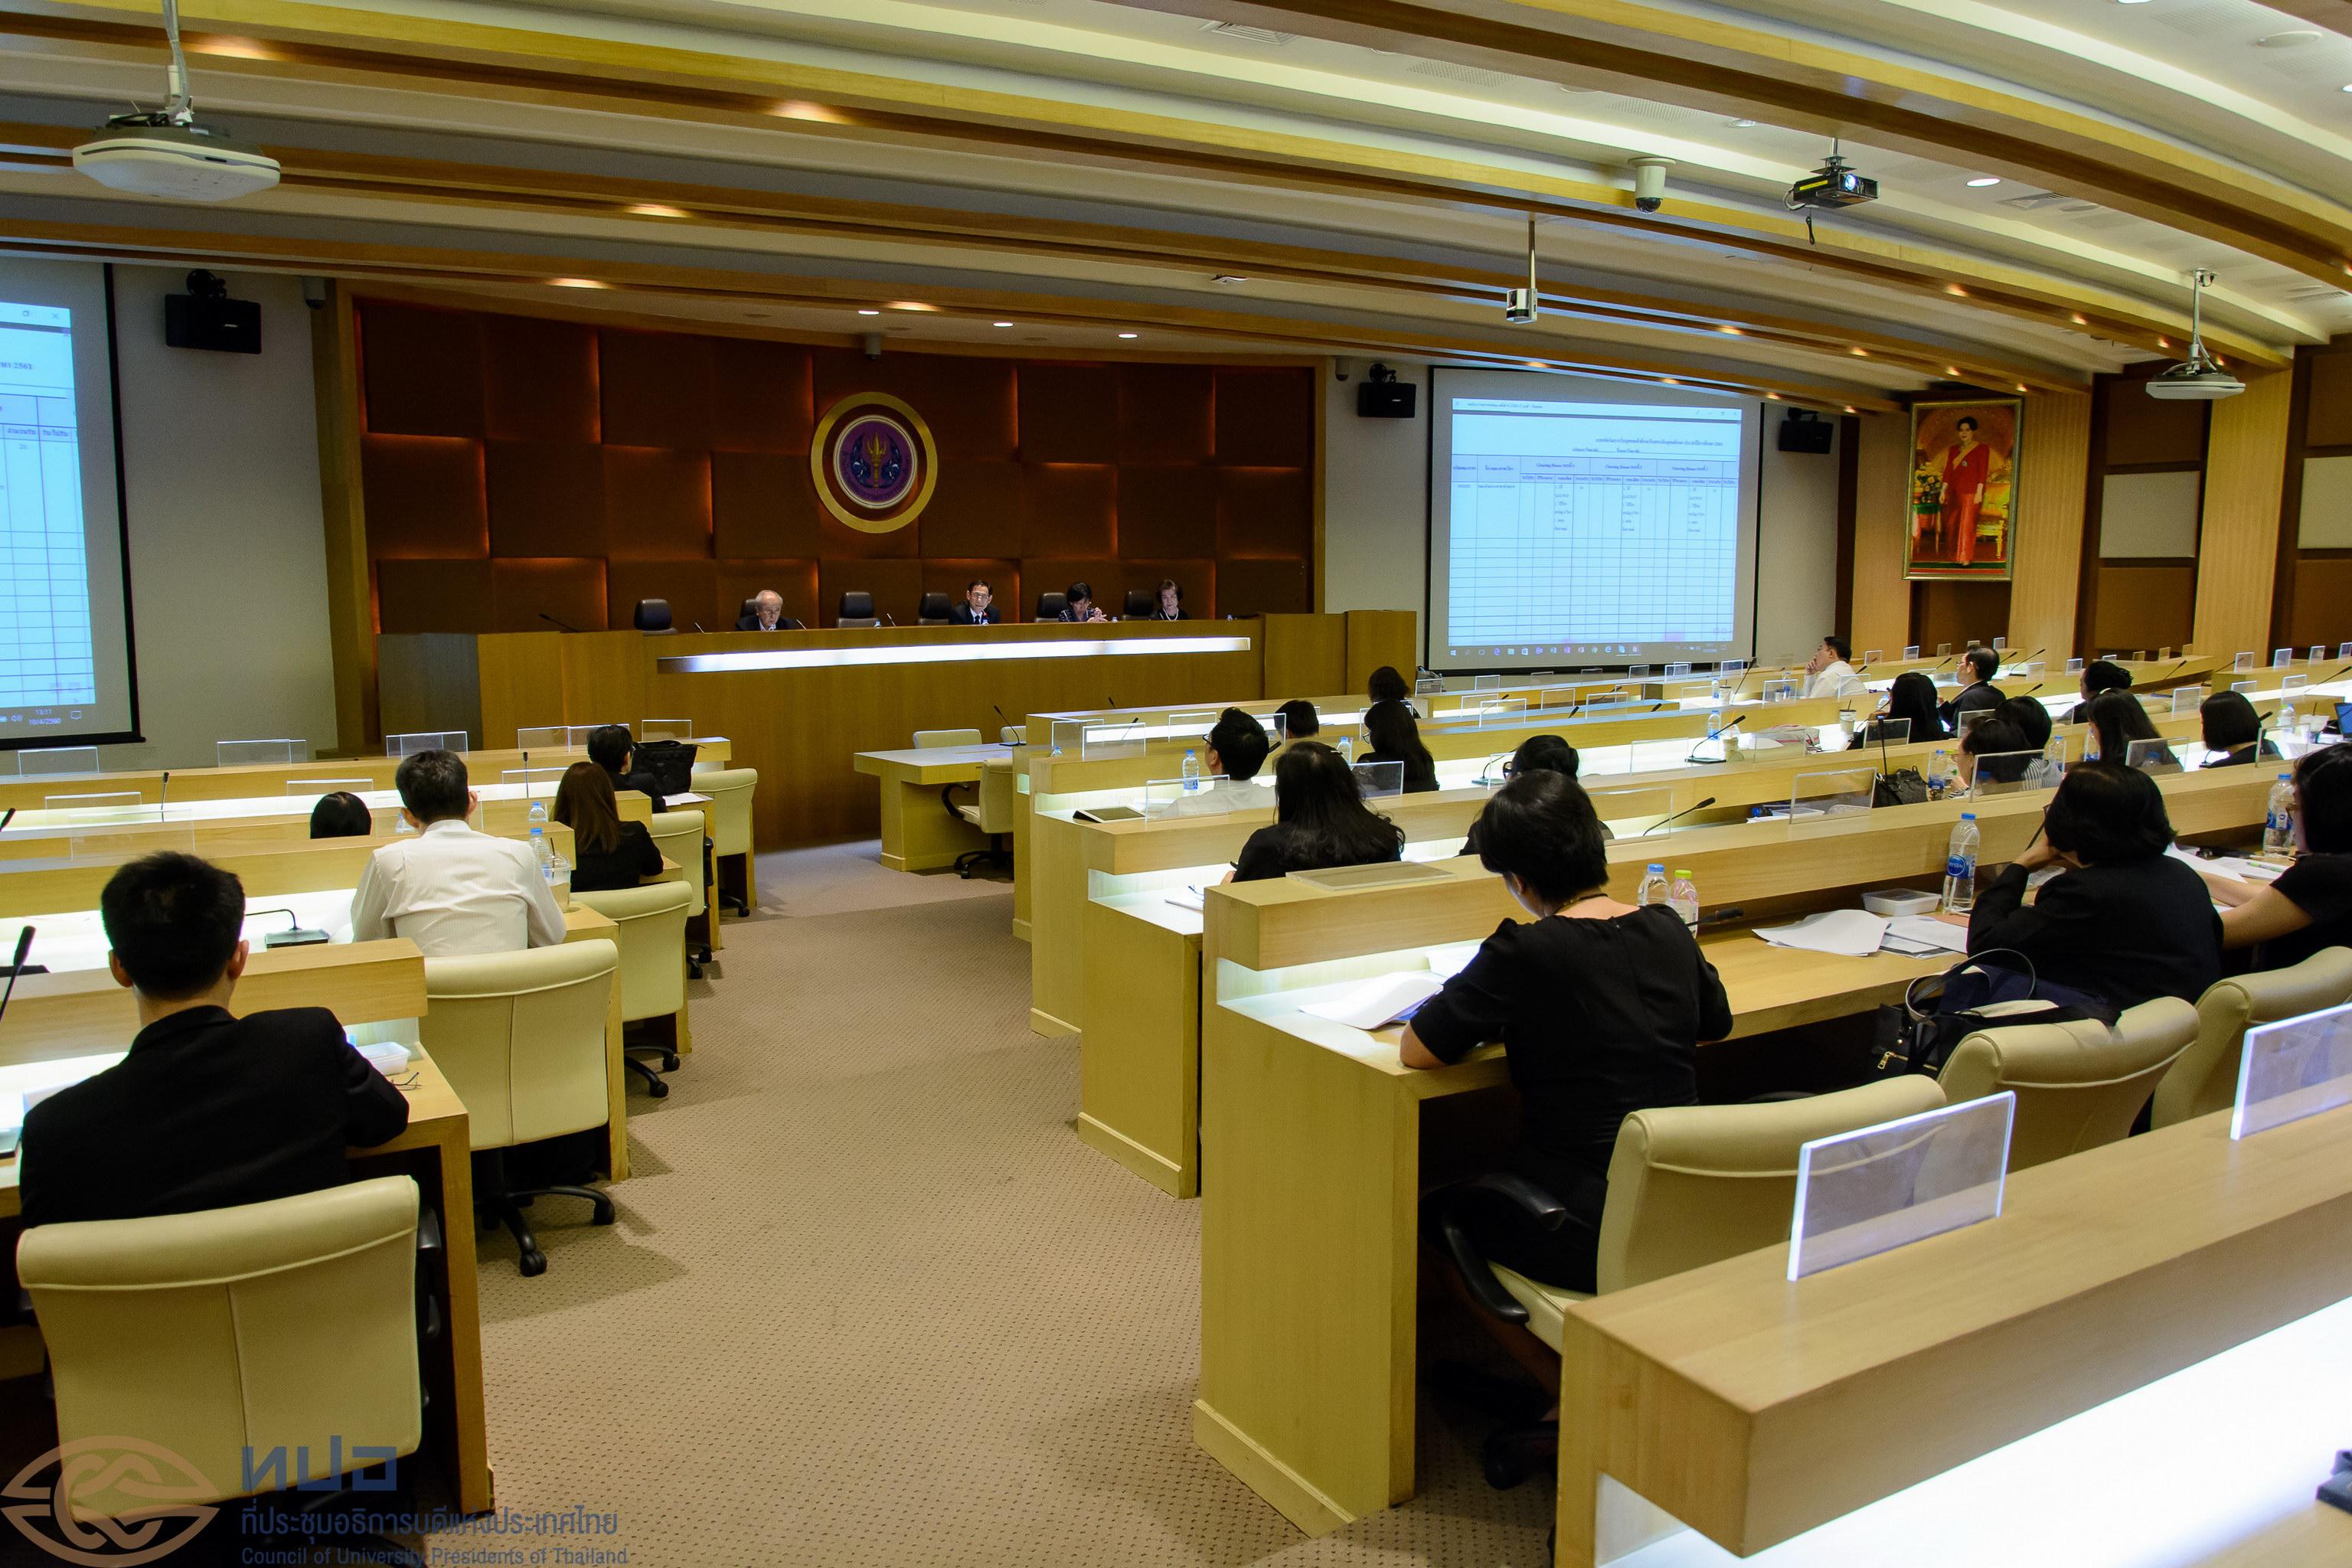 การประชุมคณะอนุกรรมการดำเนินการคัดเลือกบุคคลเข้าศึกษาในสถาบันอุดมศึกษา ครั้งที่ 4/2560